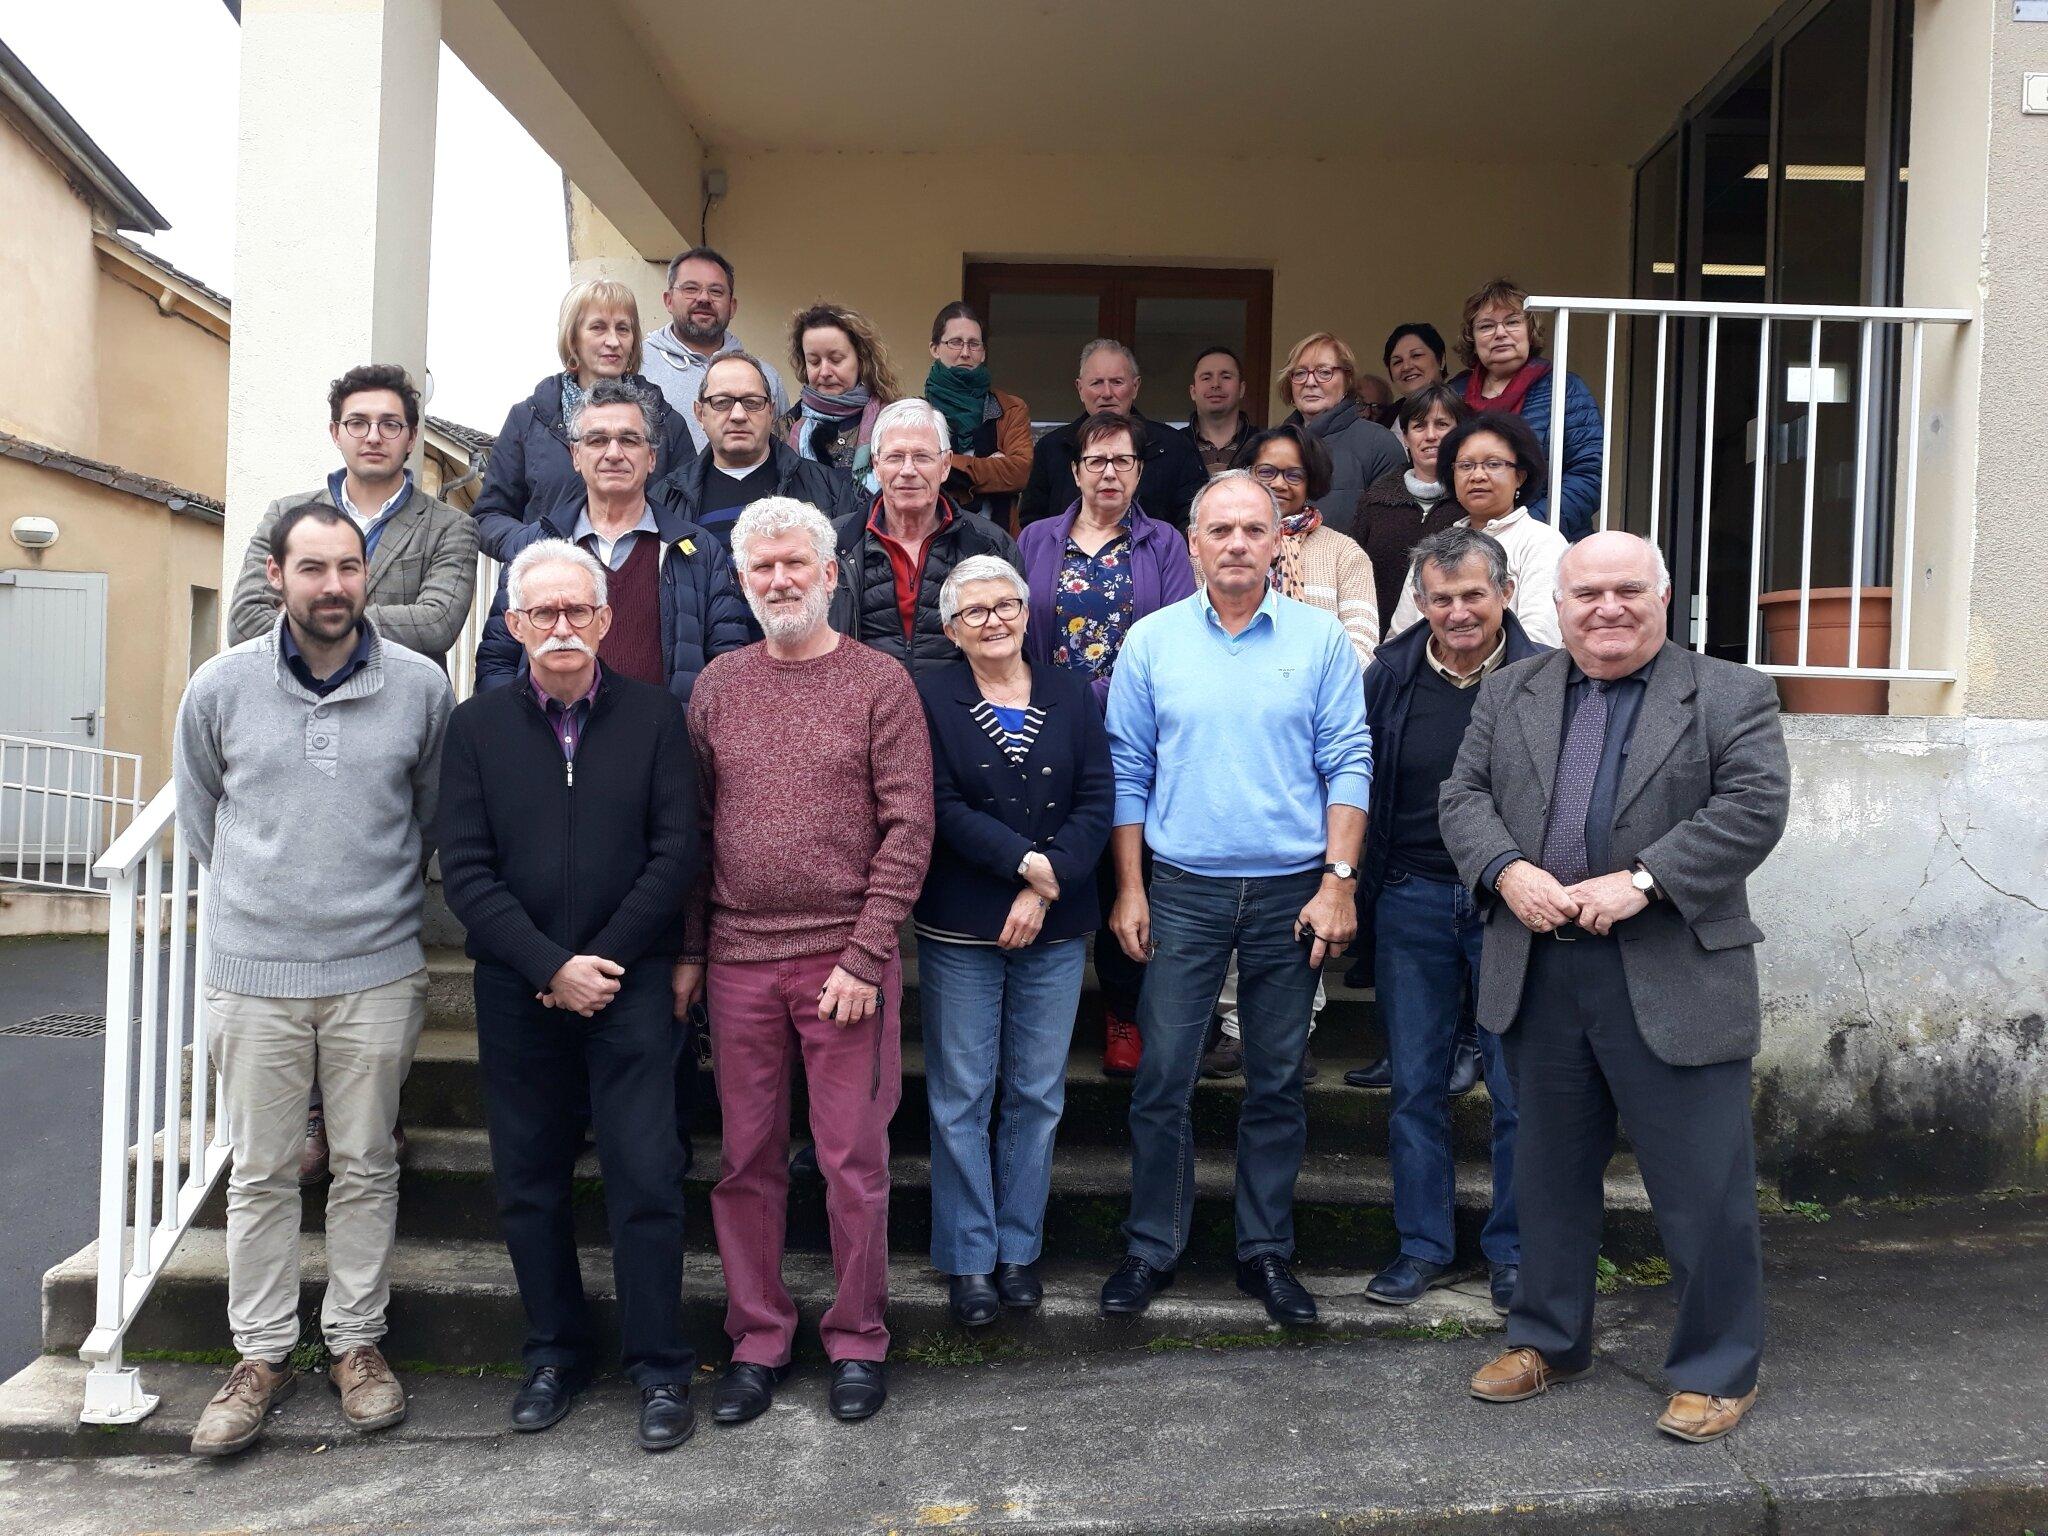 Lanquais-Varennes, bel exemple de mutualisation au profit des associations (article commenté)